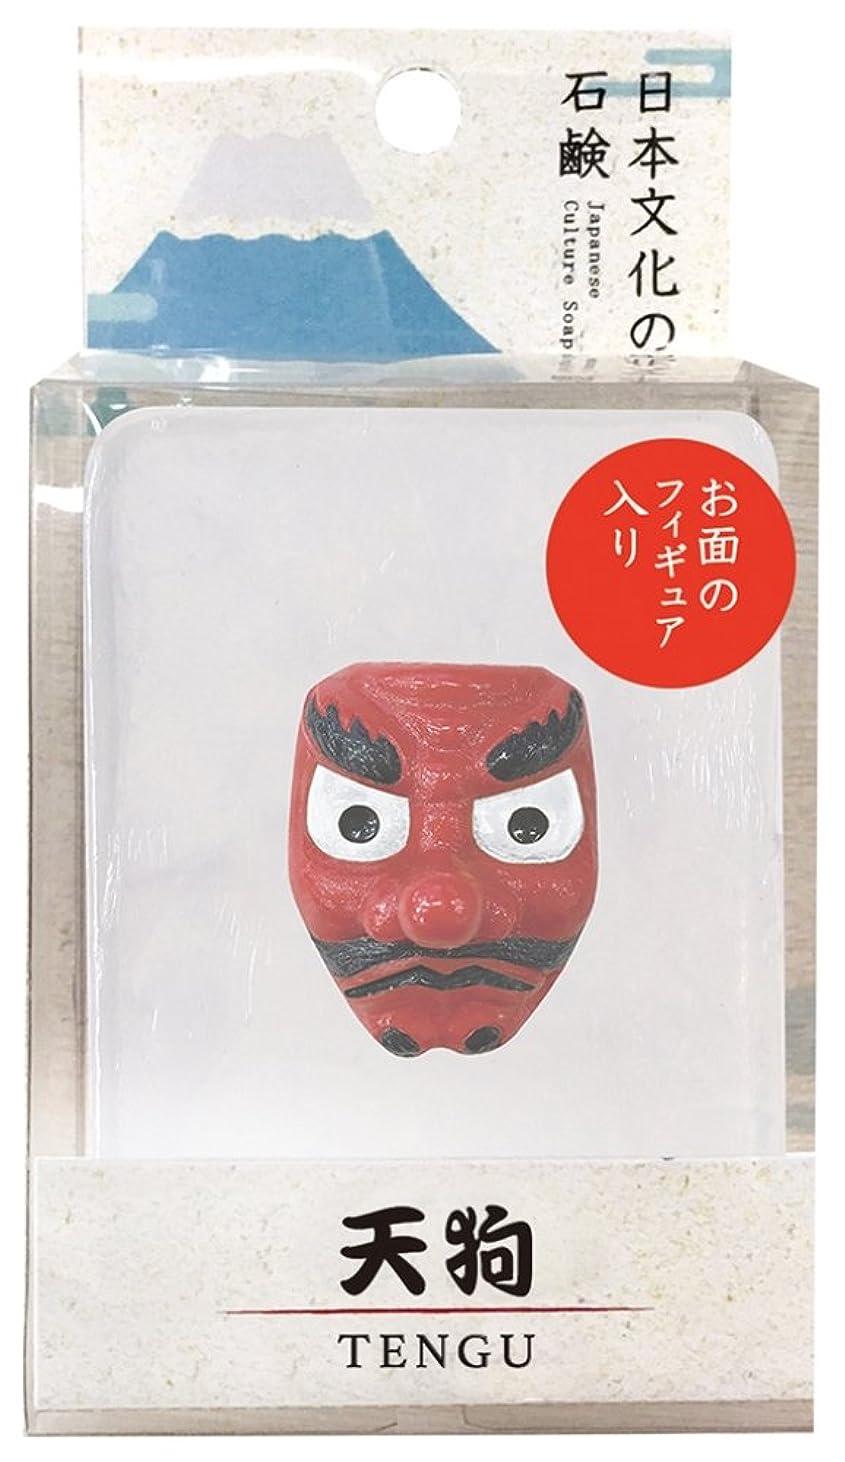 けがをするバスタブベアリングノルコーポレーション 石鹸 日本文化の石鹸 天狗 140g フィギュア付き OB-JCP-1-5